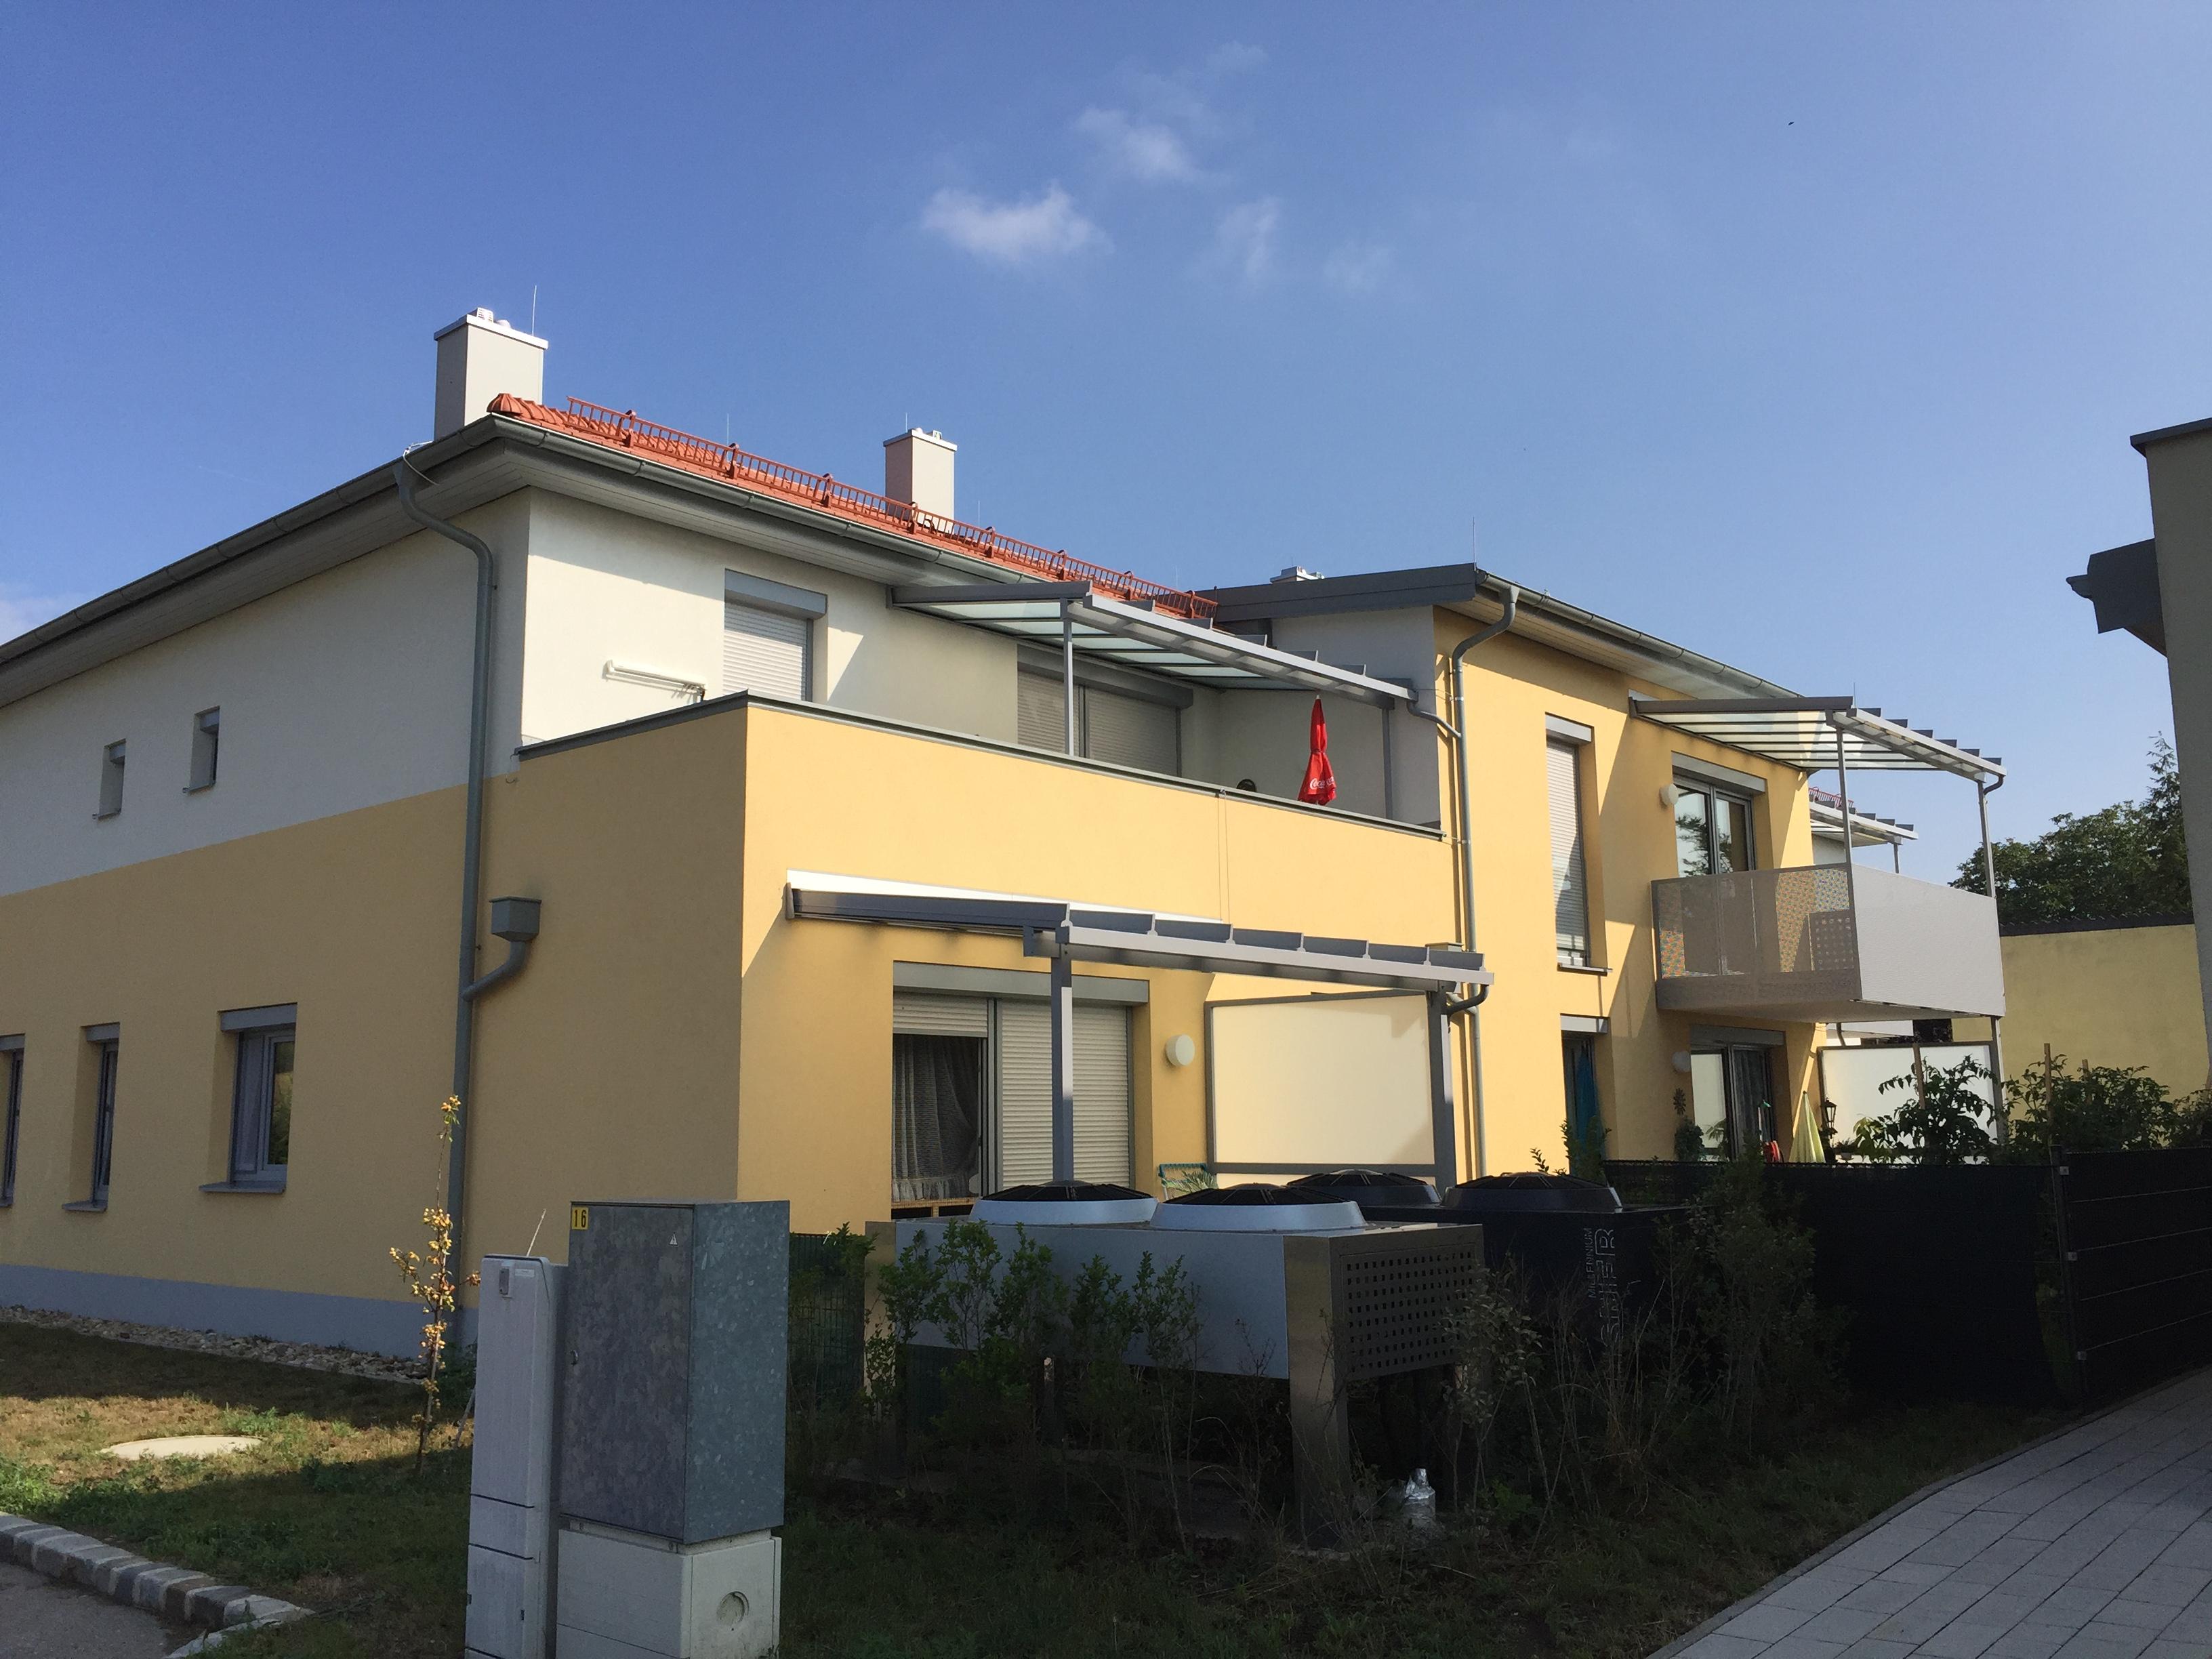 Immobilie von Kamptal in 2184 Hauskirchen, Gänserndorf, Hauskirchen I/2 - Top 5 #0